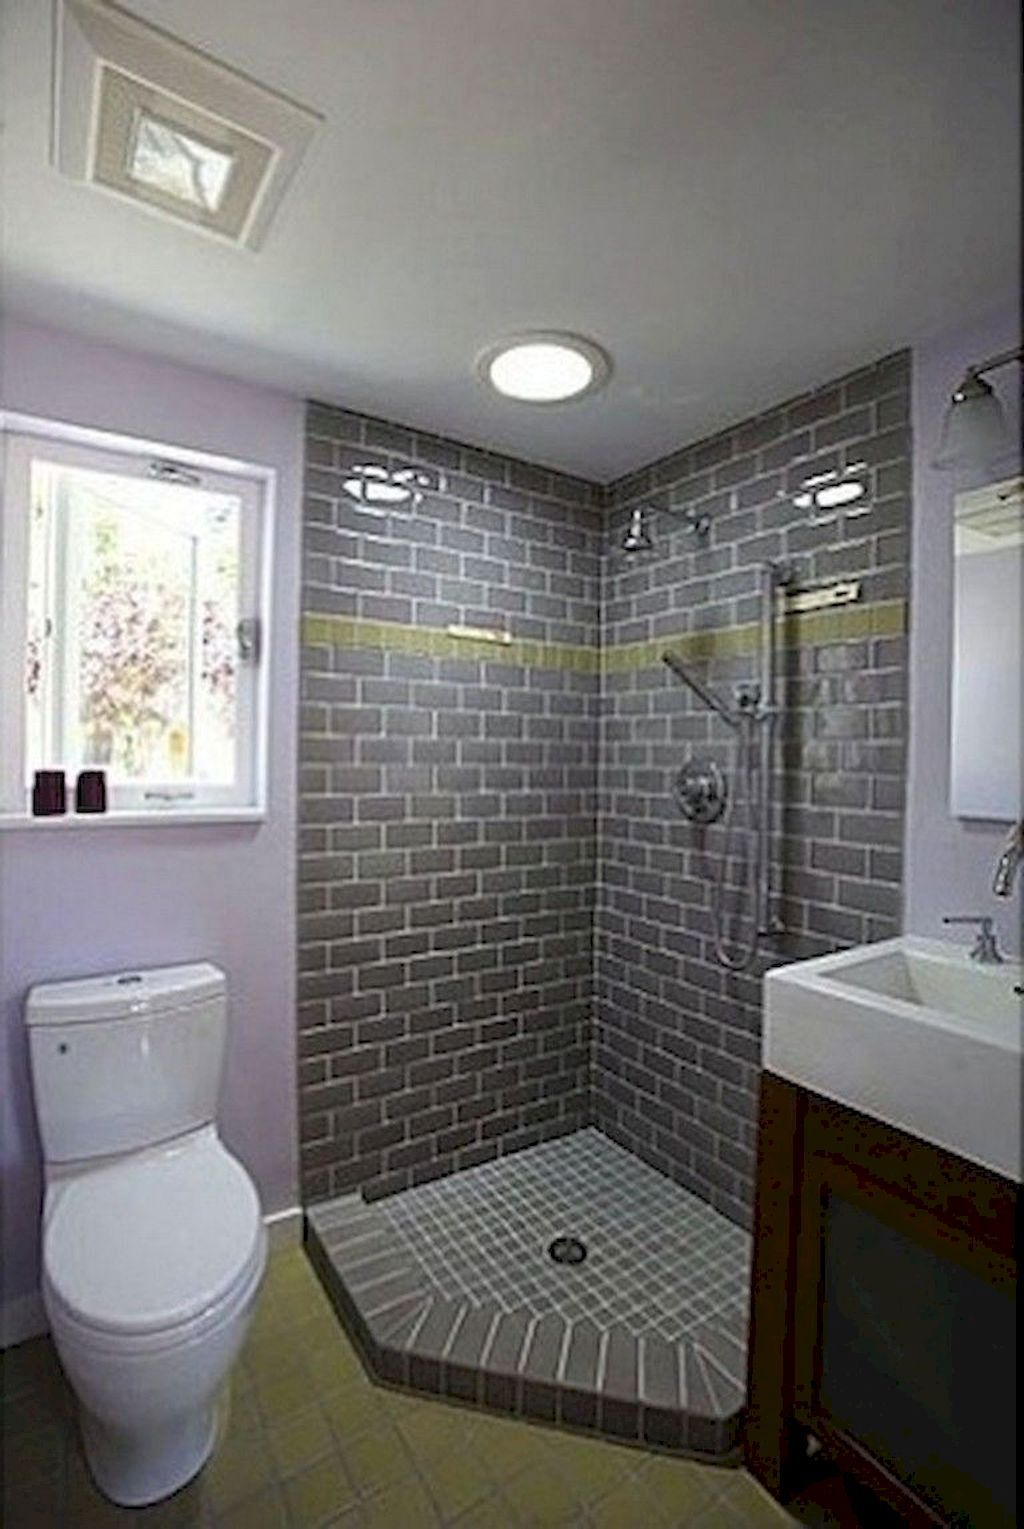 Adorable 70 Genius Tiny House Bathroom Shower Design Ideas Https Homespecially Com 70 Gen Tiny House Bathroom Bathroom Shower Design Bathroom Remodel Designs